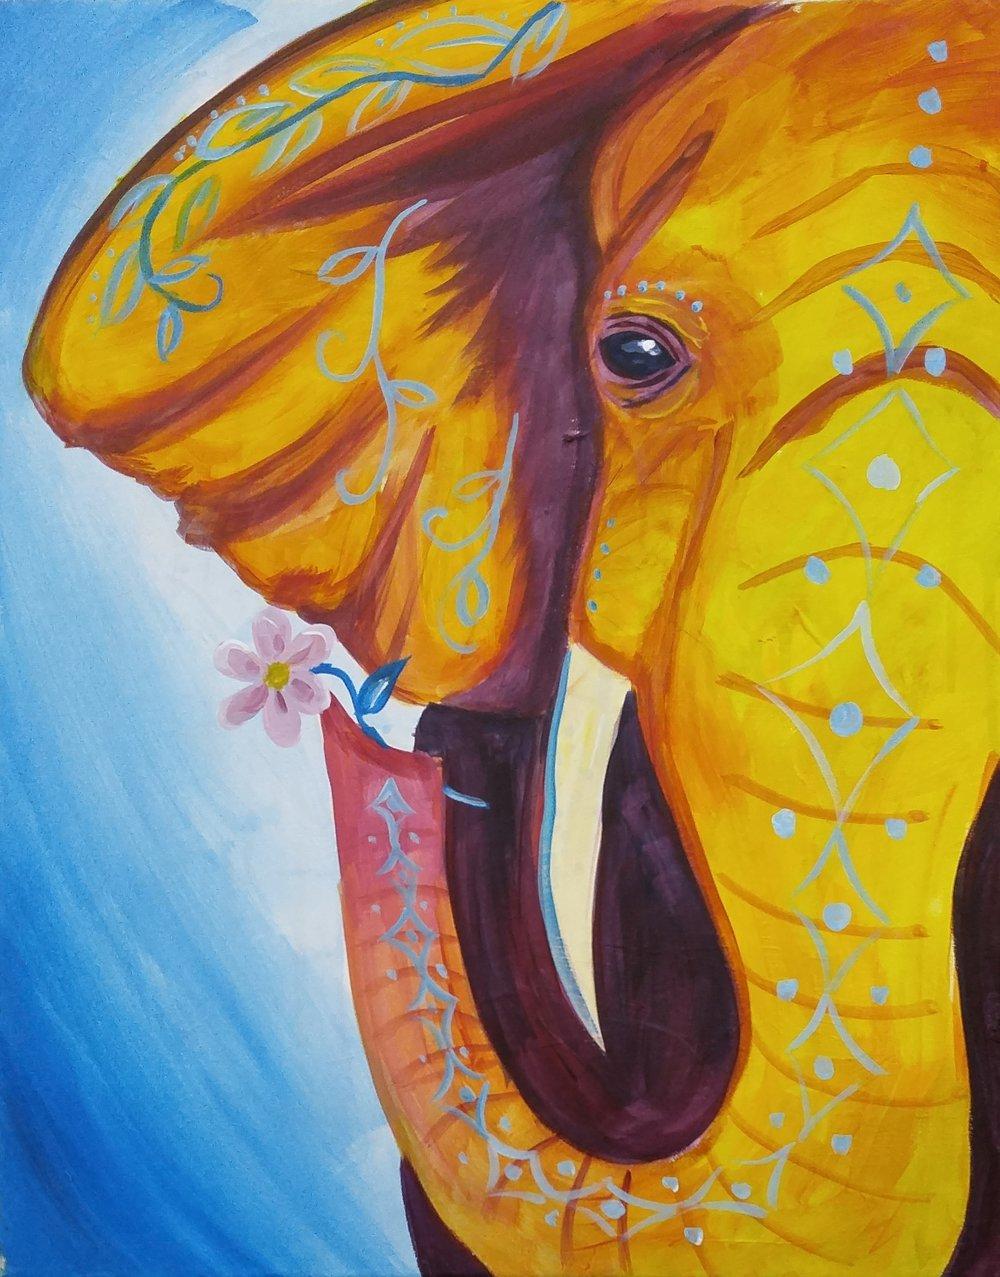 Funky Elephant - Level: Beginner, Time: 2 hrs